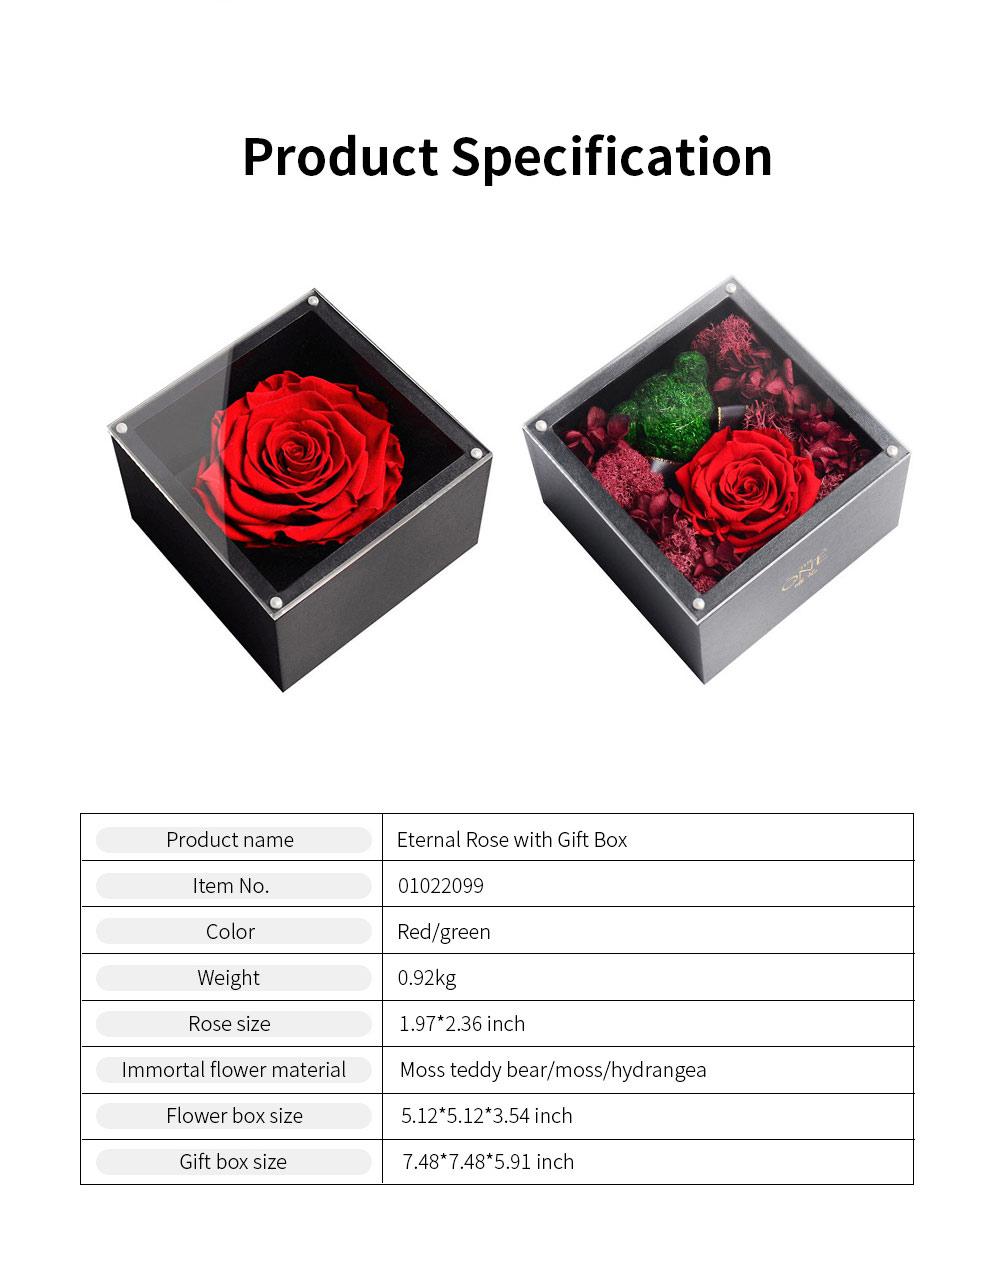 Eternal Rose with Gift Box Forever Blossom Flower for Love Ones Artificial Eternal Life Flower Gift for Mom Lover Girlfriend 8